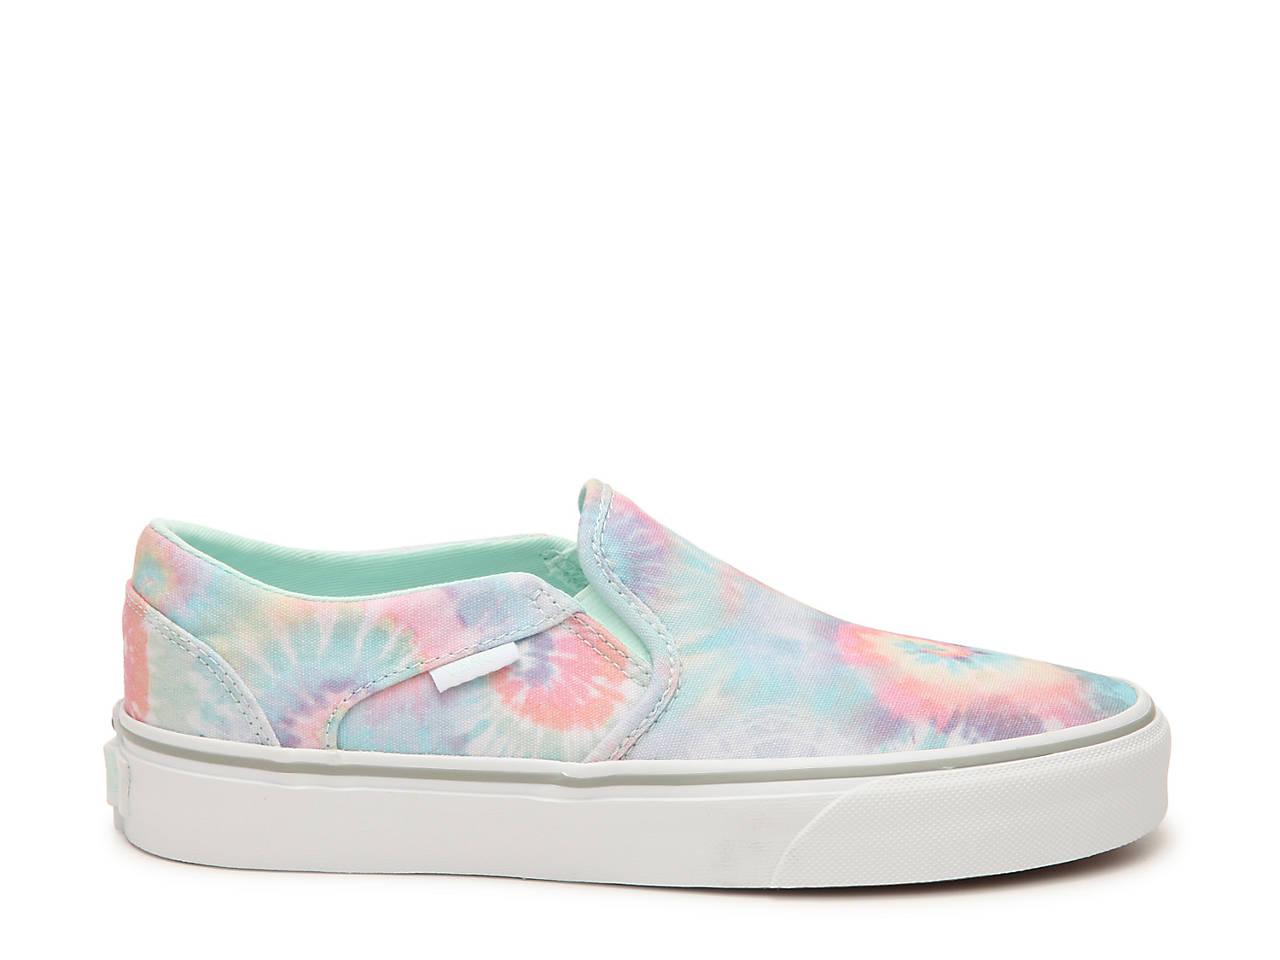 Asher Tie Dye Slip On Sneaker Women's